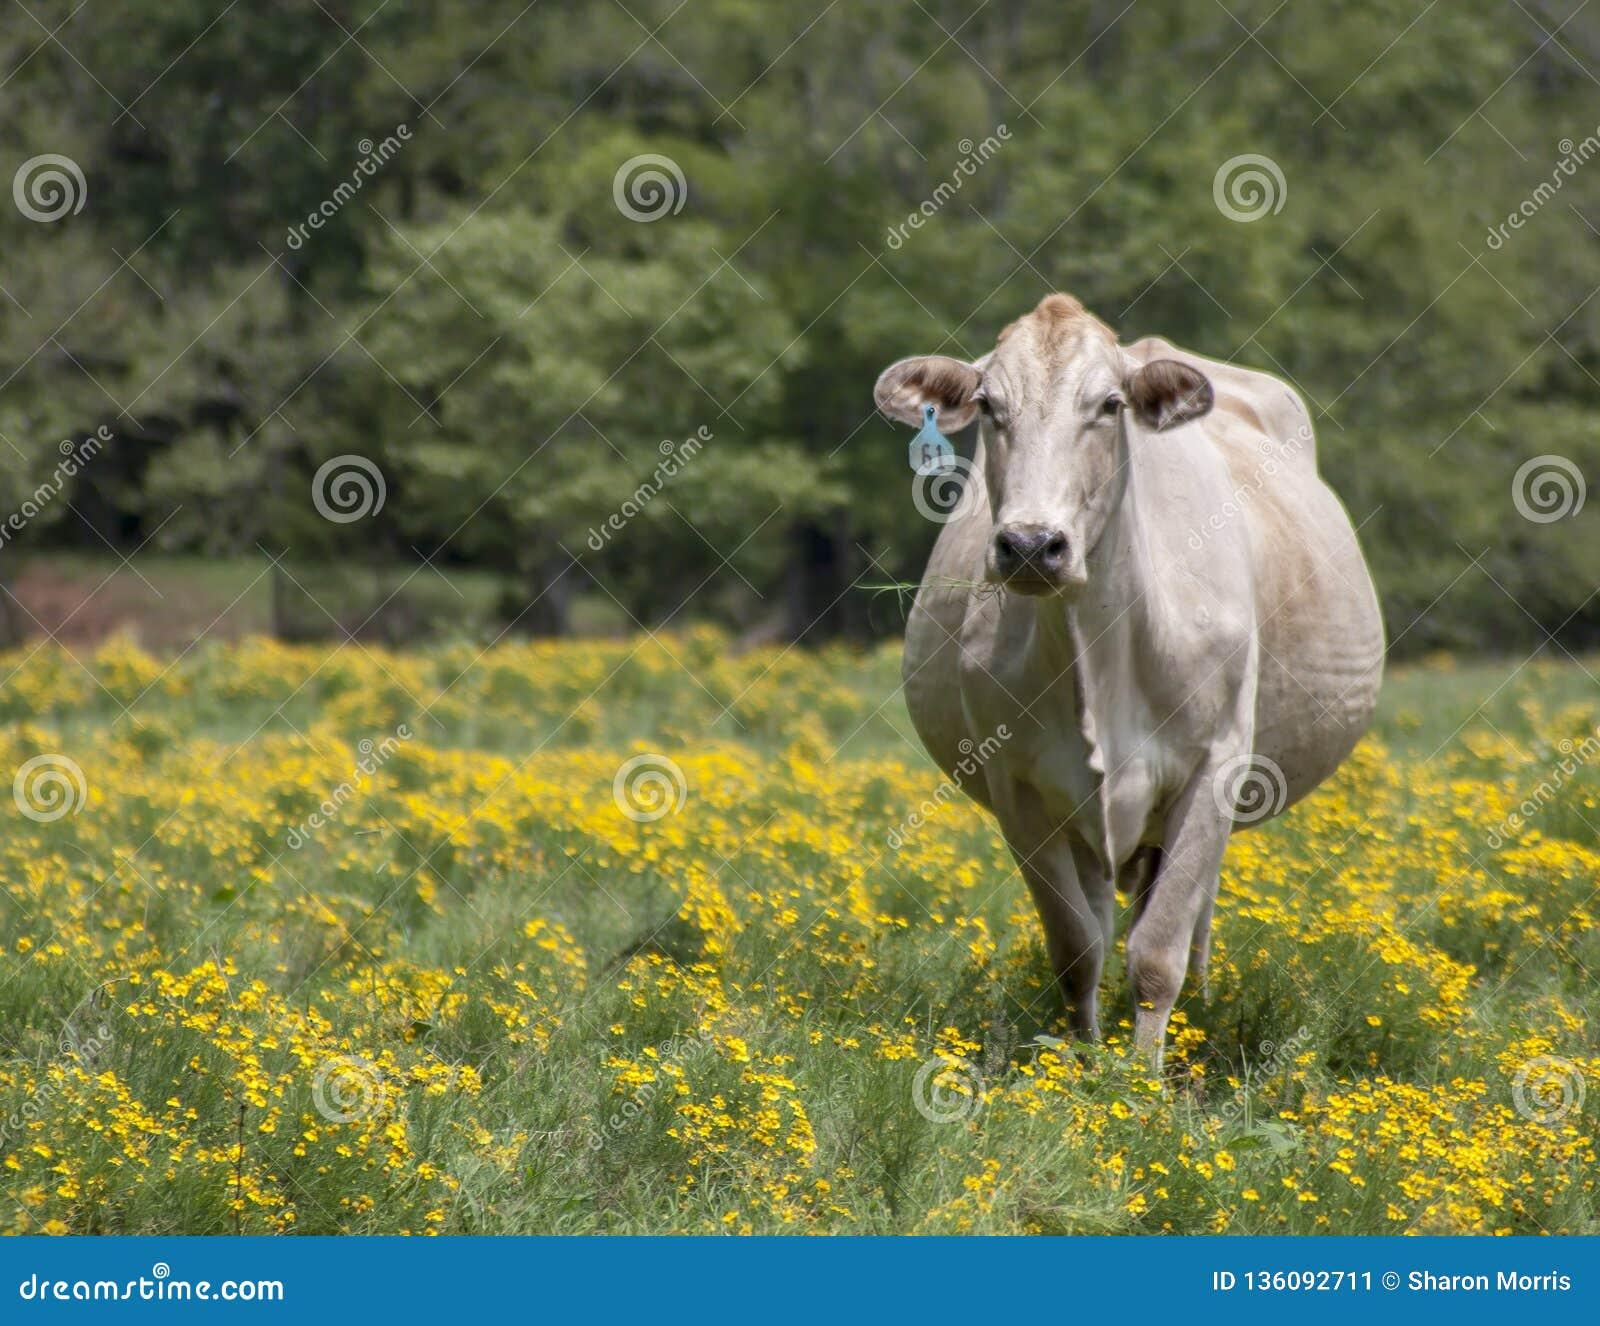 Krowy pozycja w żółtych kwiatach